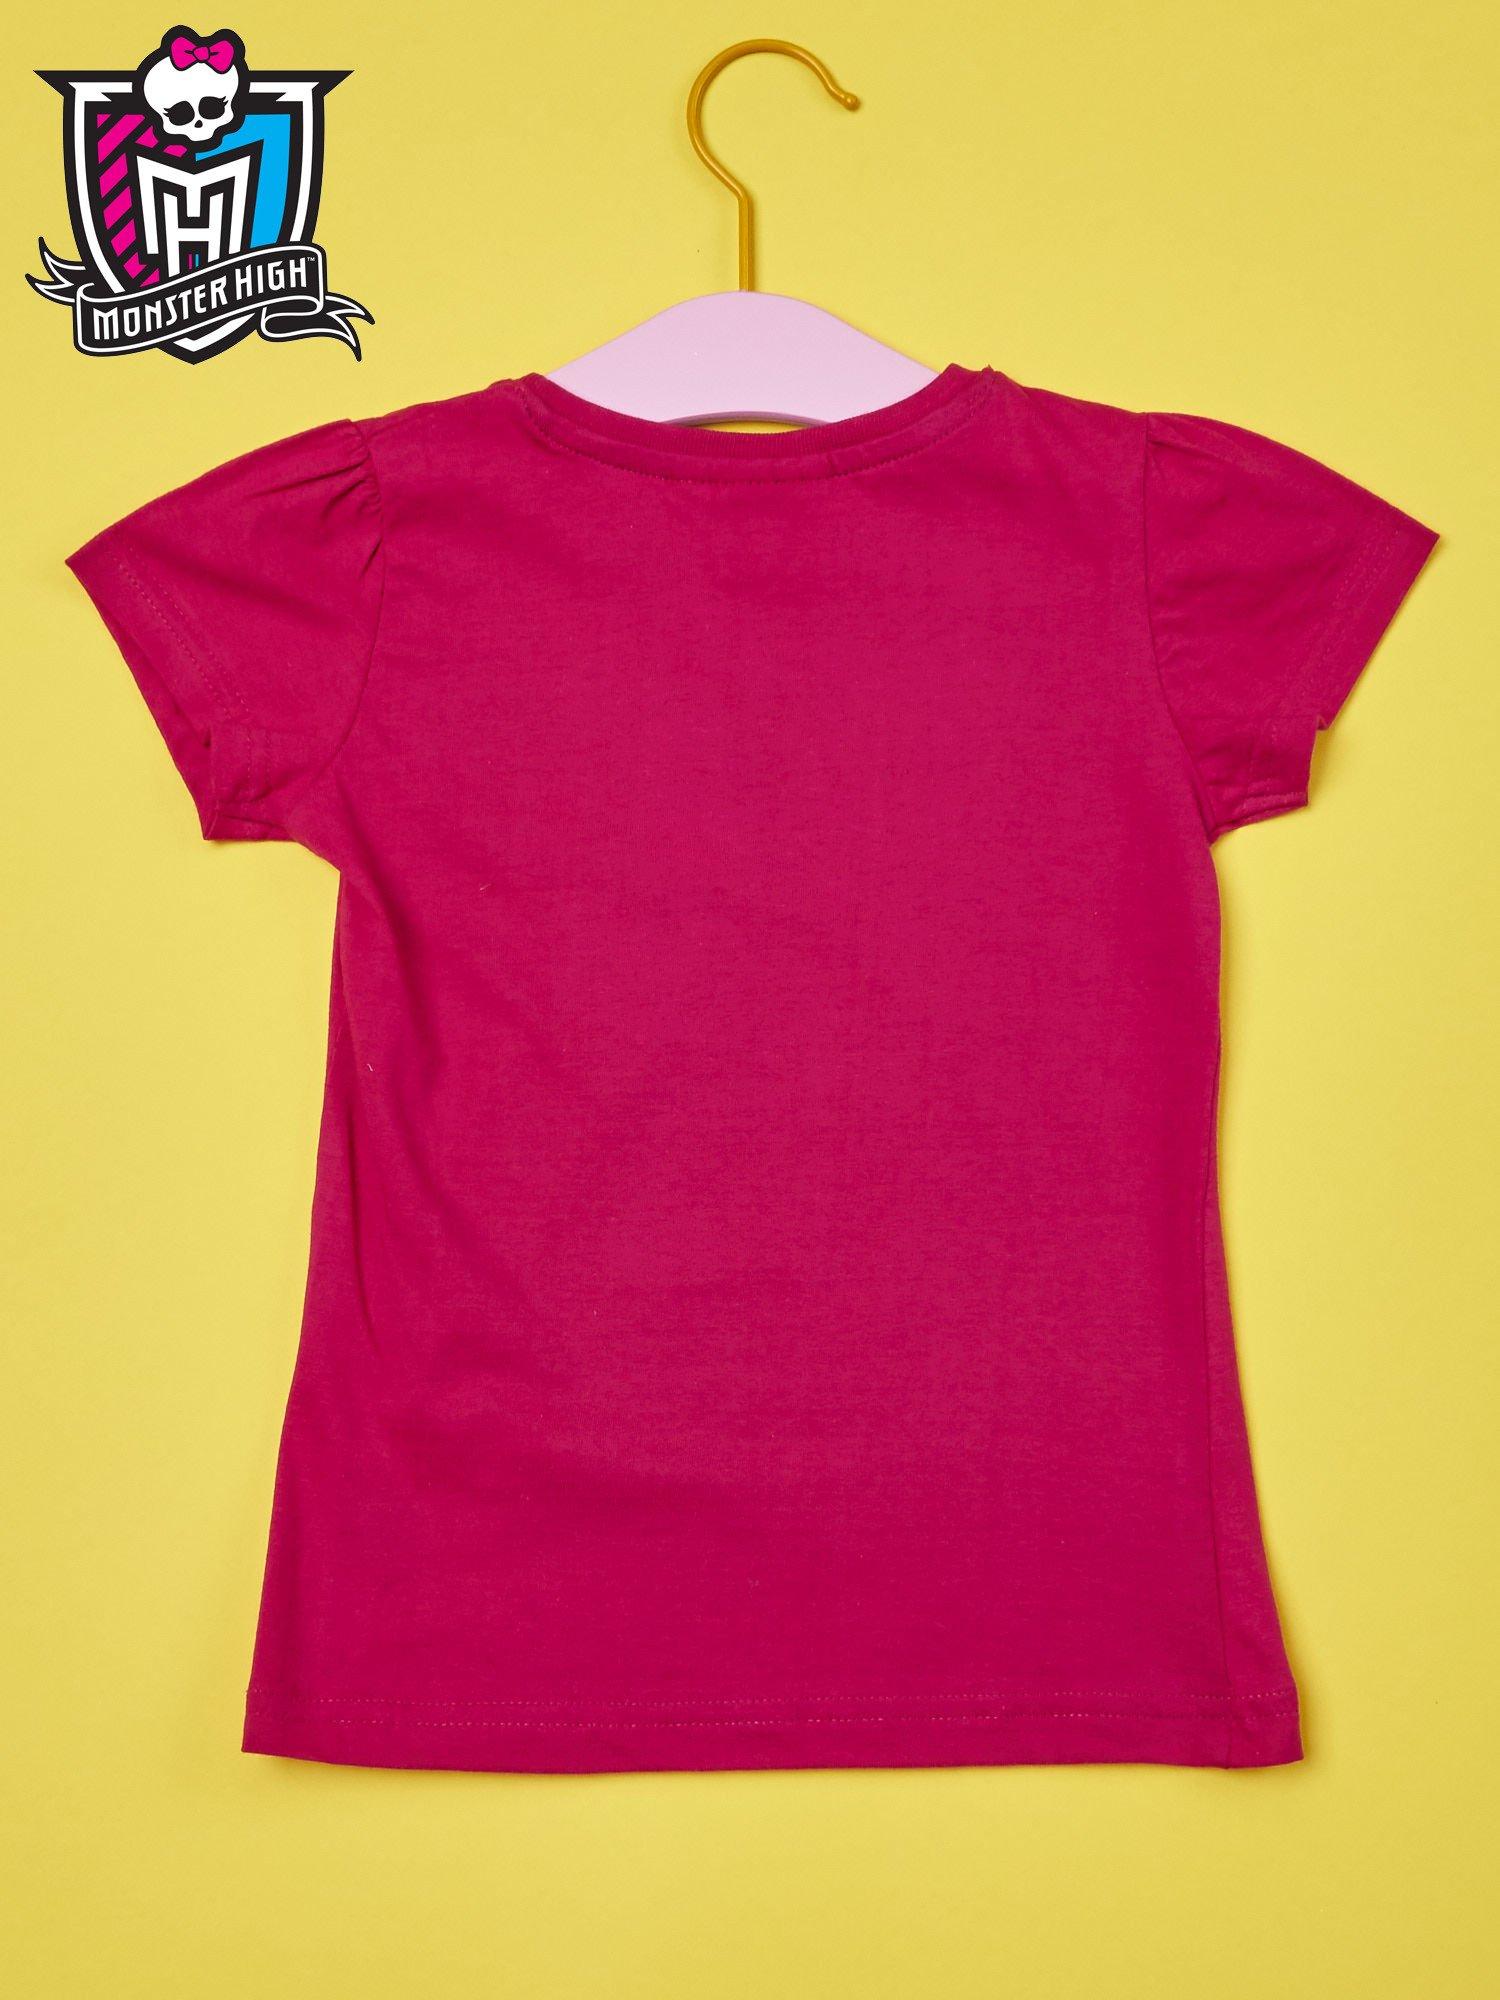 Fuksjowy t-shirt dla dziewczynki MONSTER HIGH                                  zdj.                                  2